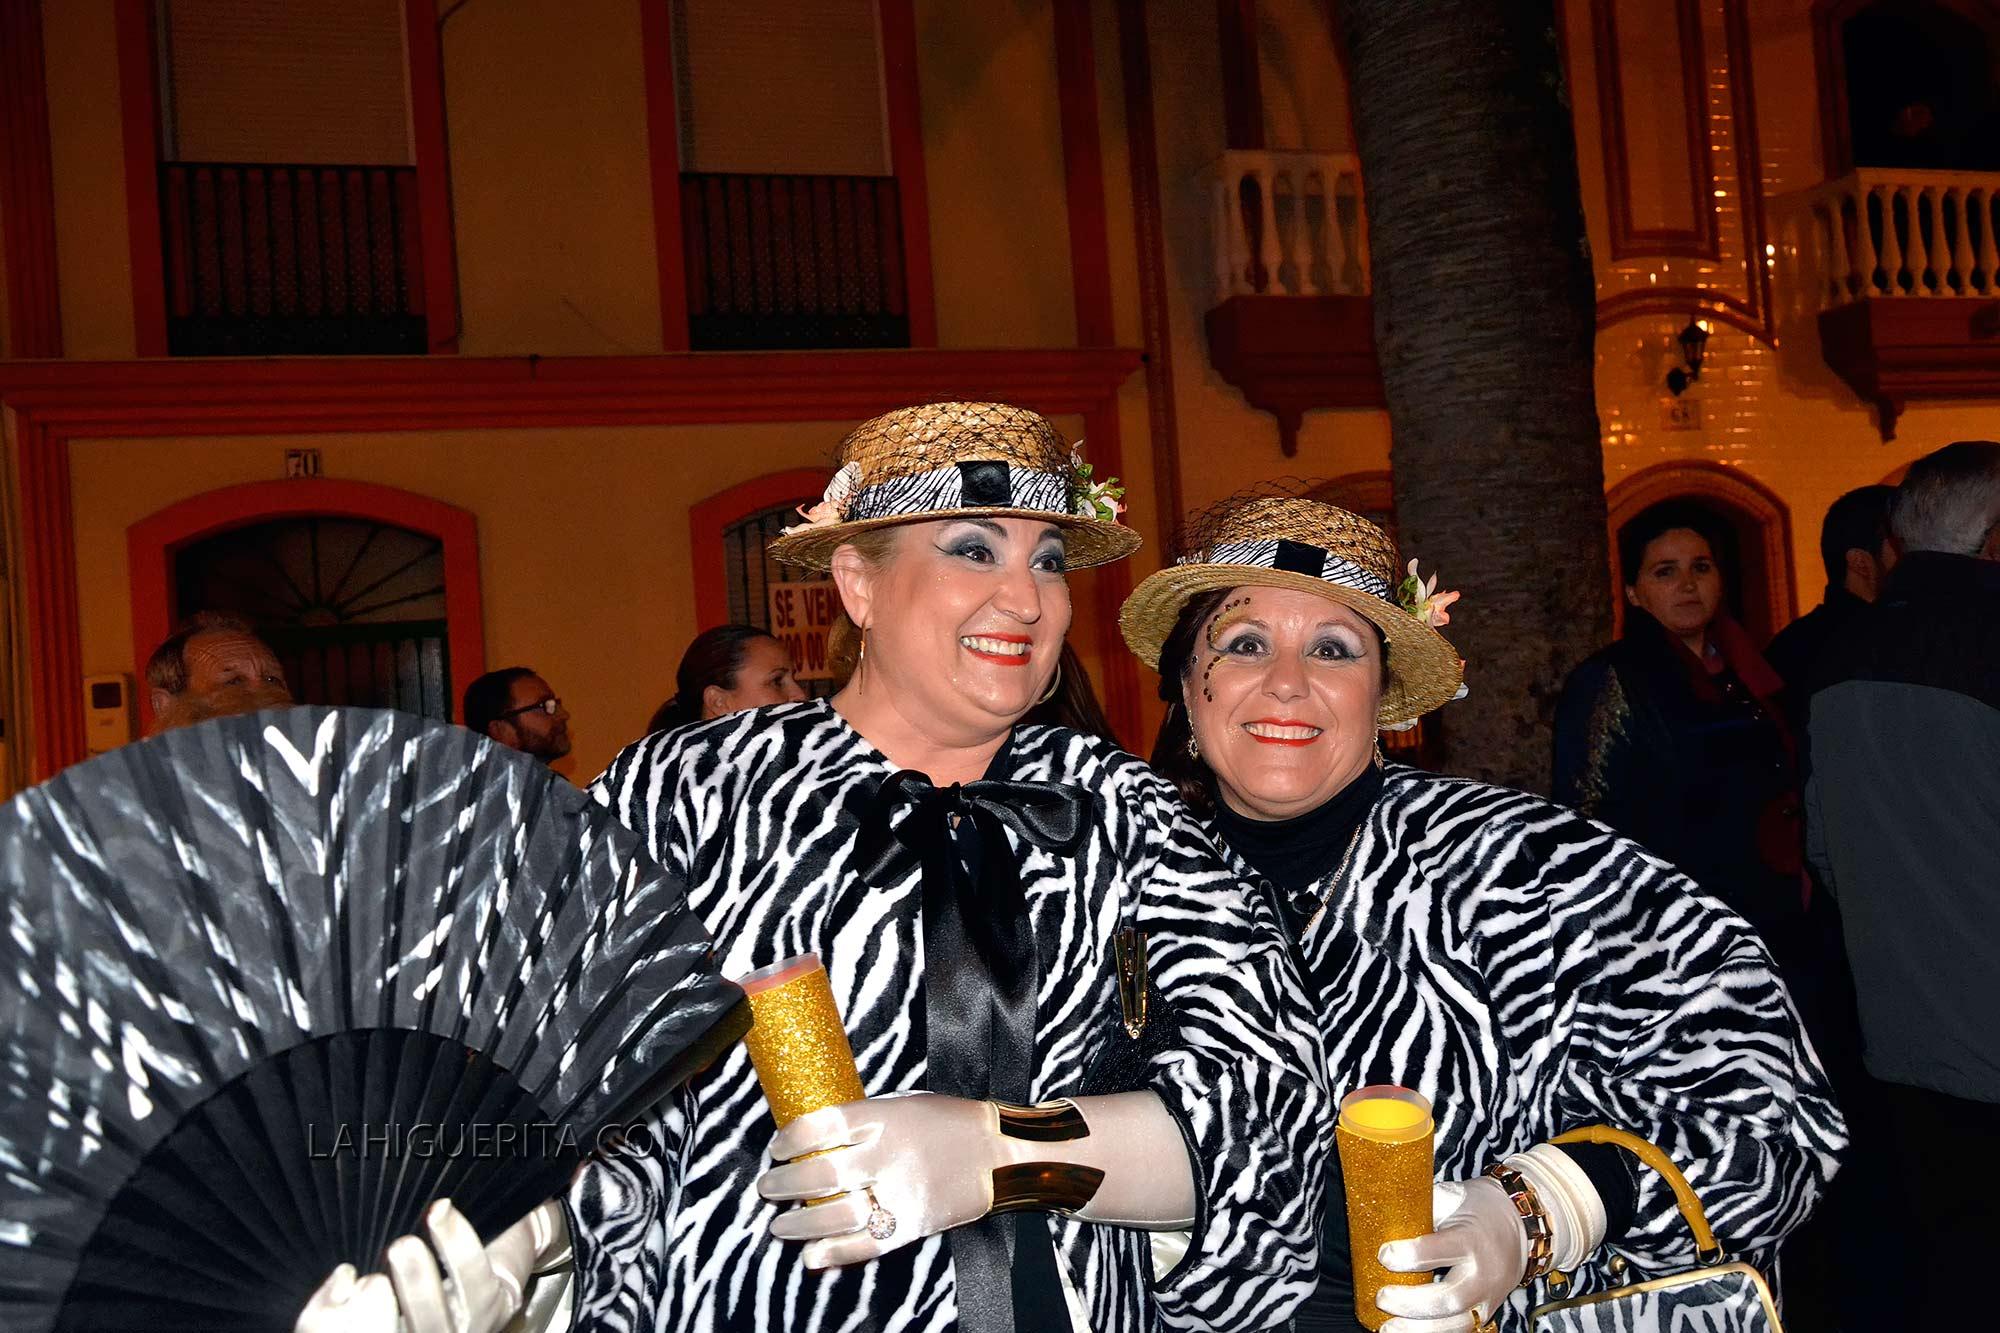 Entierro de la sardina carnaval isla cristina _DSC2238